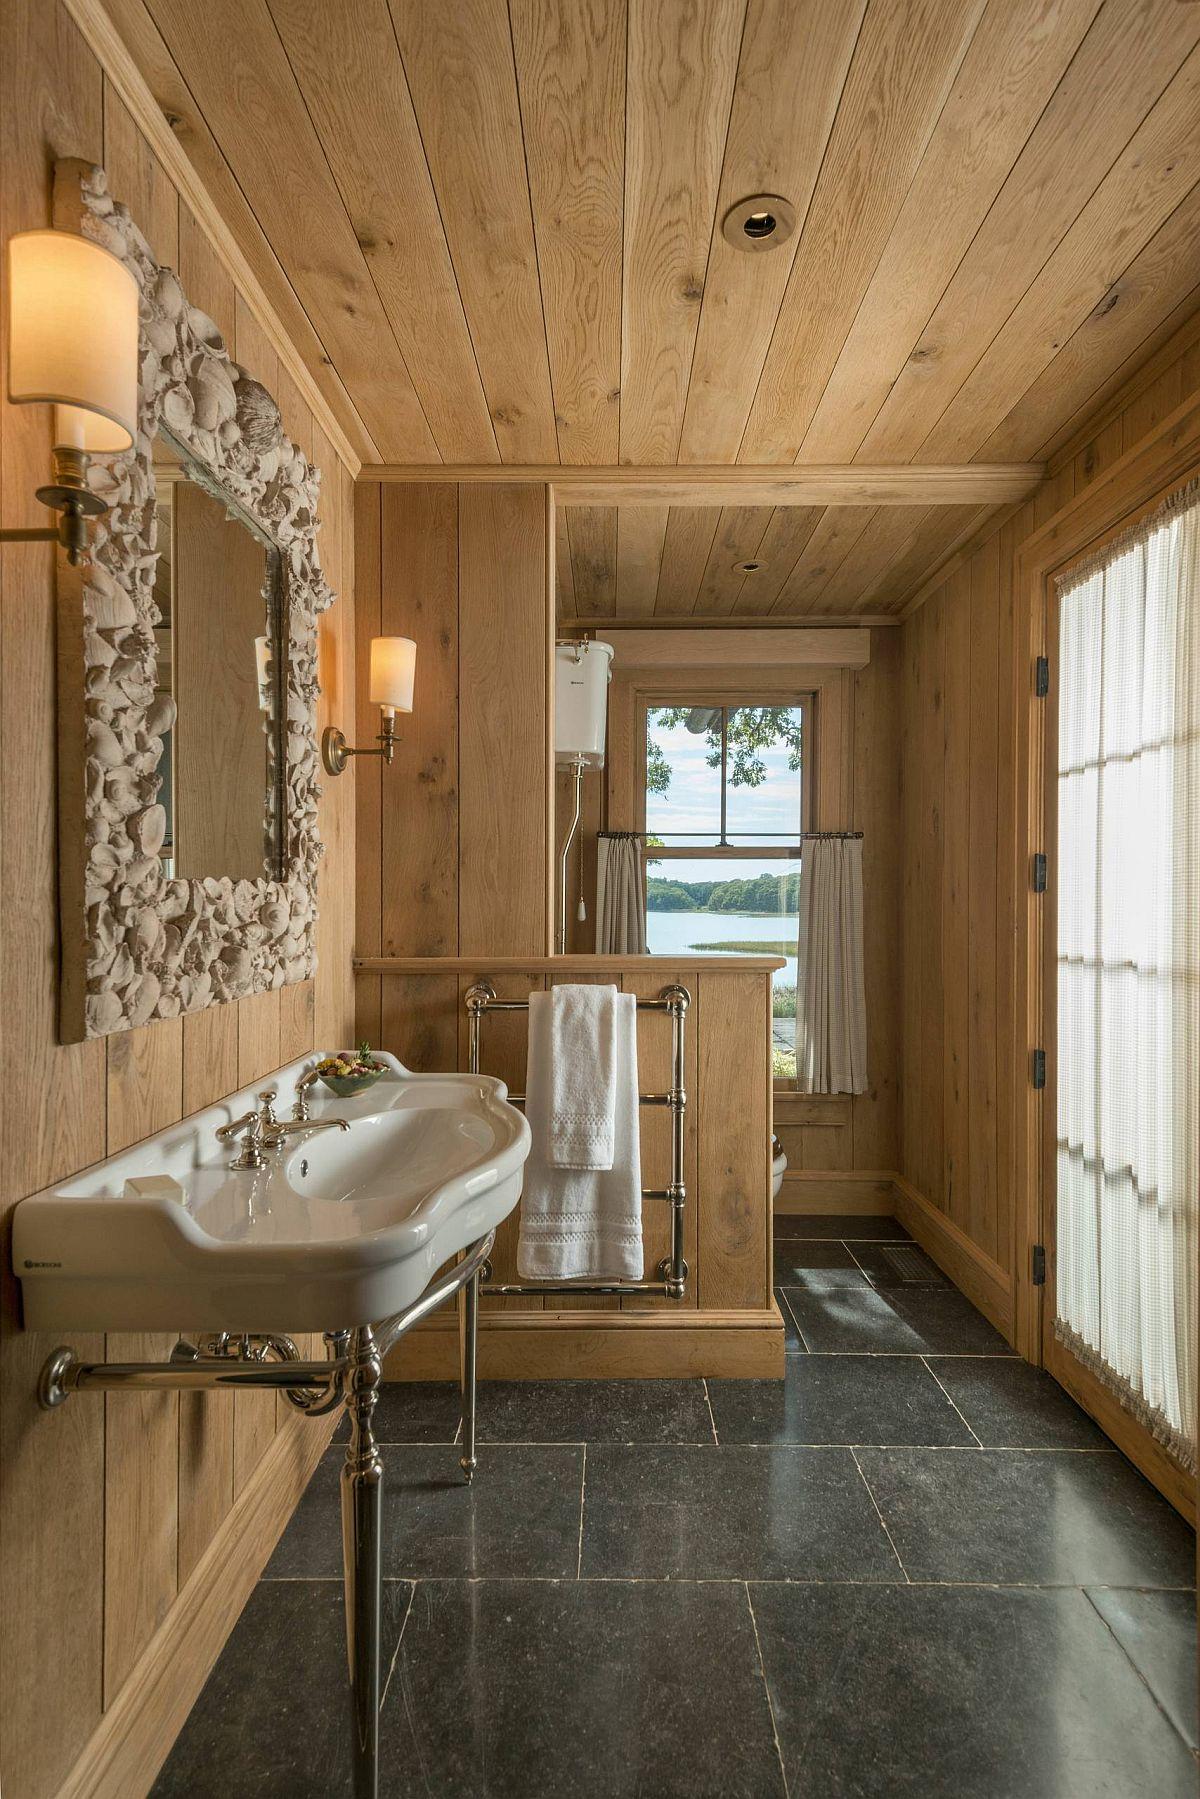 Rustic Bathroom with Unique Mirror Frame